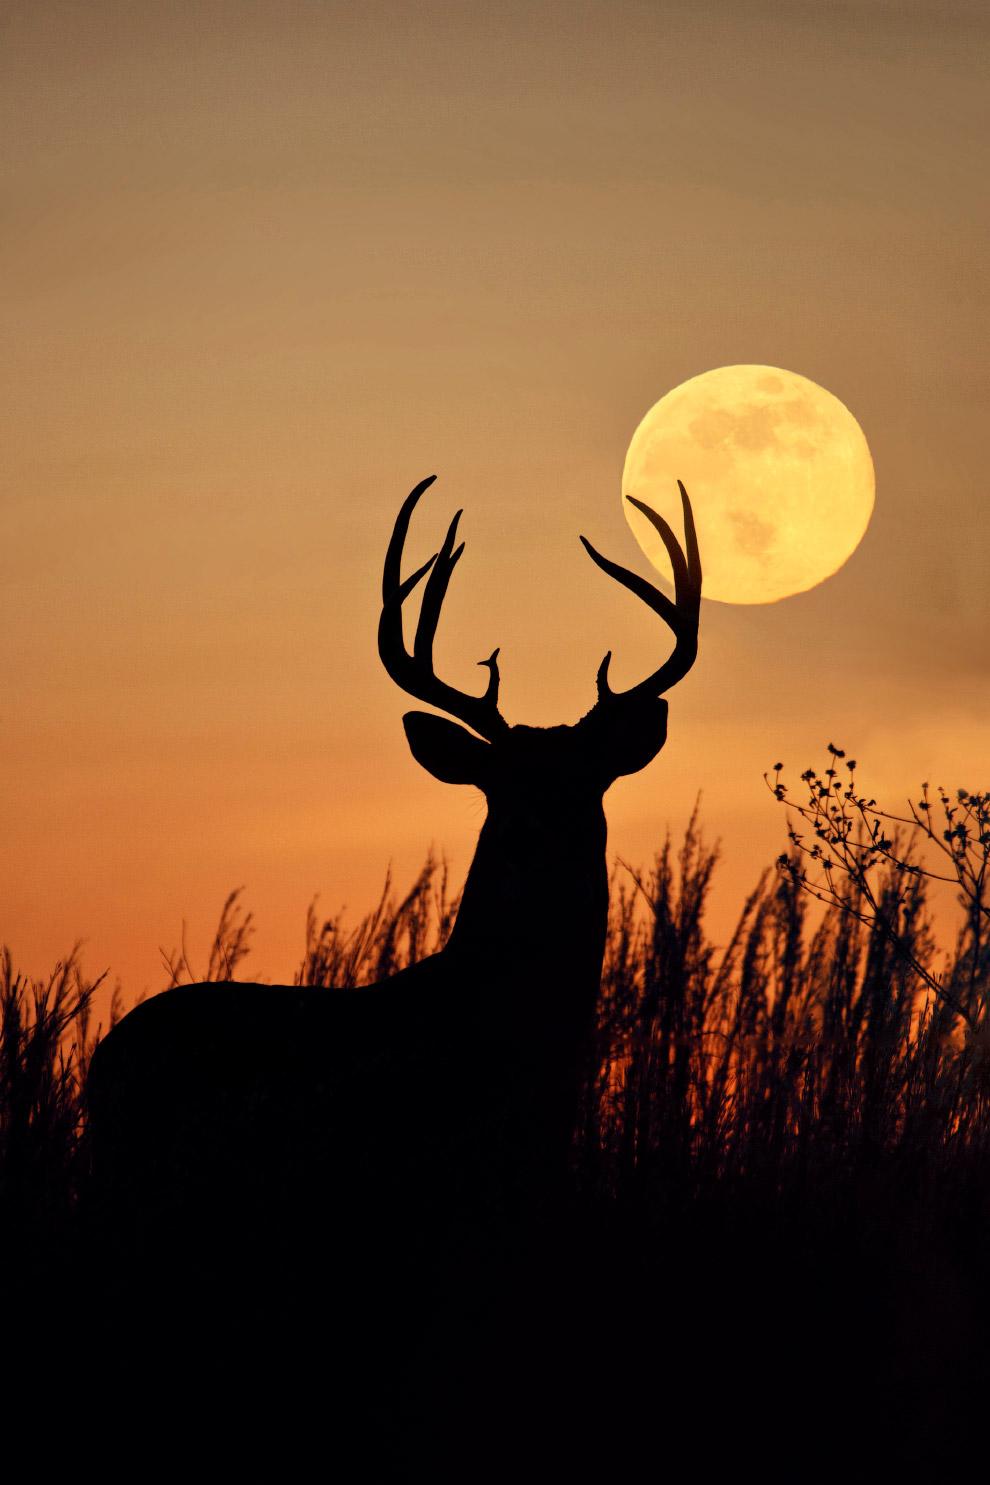 Олень и полная луна в штате Техас